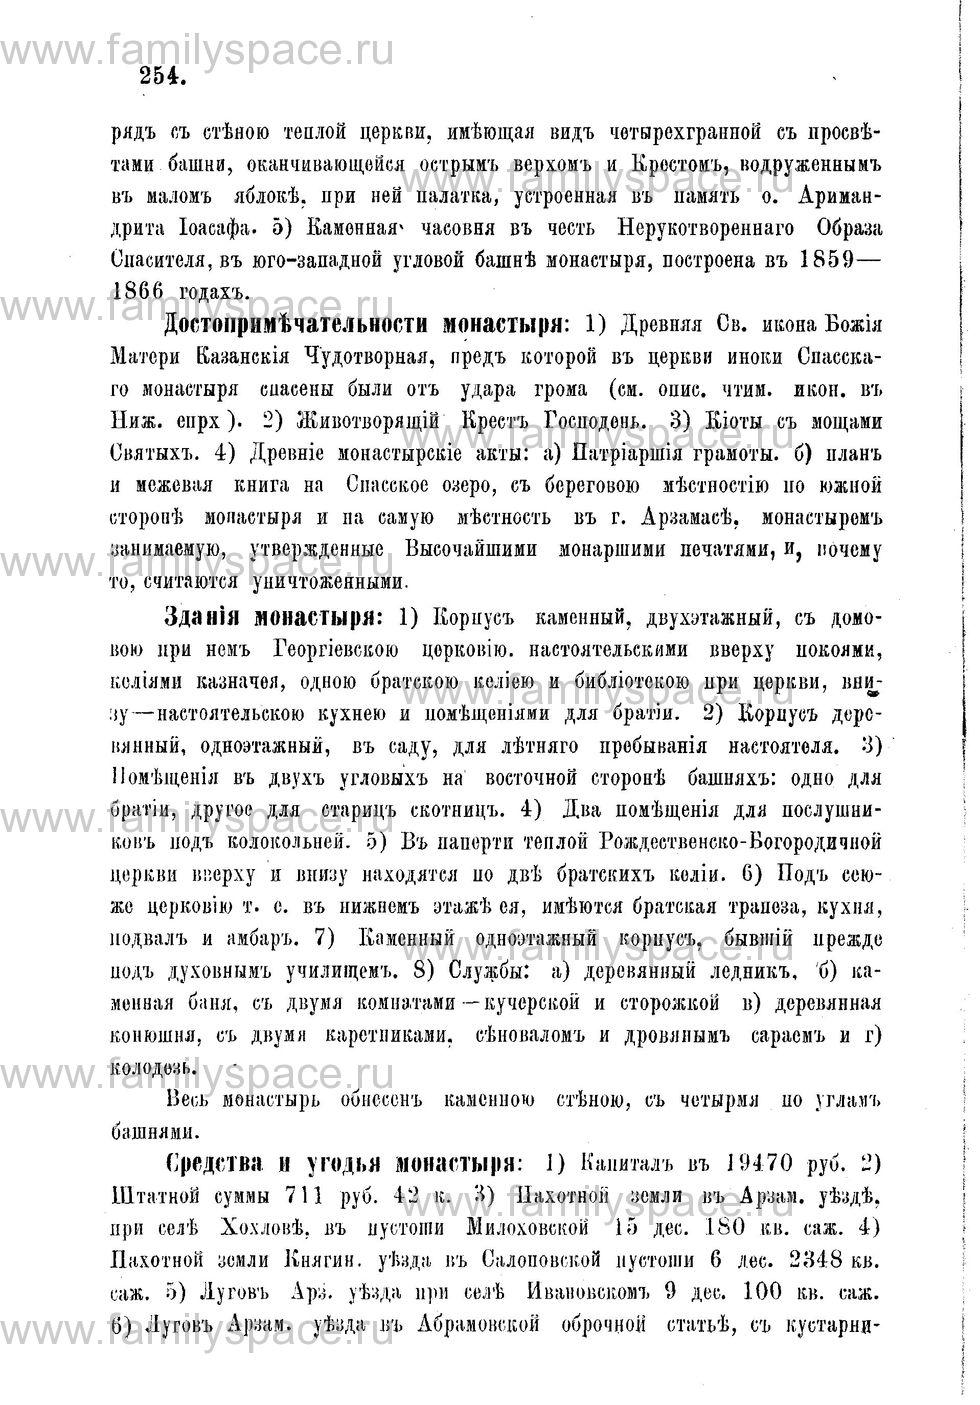 Поиск по фамилии - Адрес-календарь Нижегородской епархии на 1888 год, страница 1254